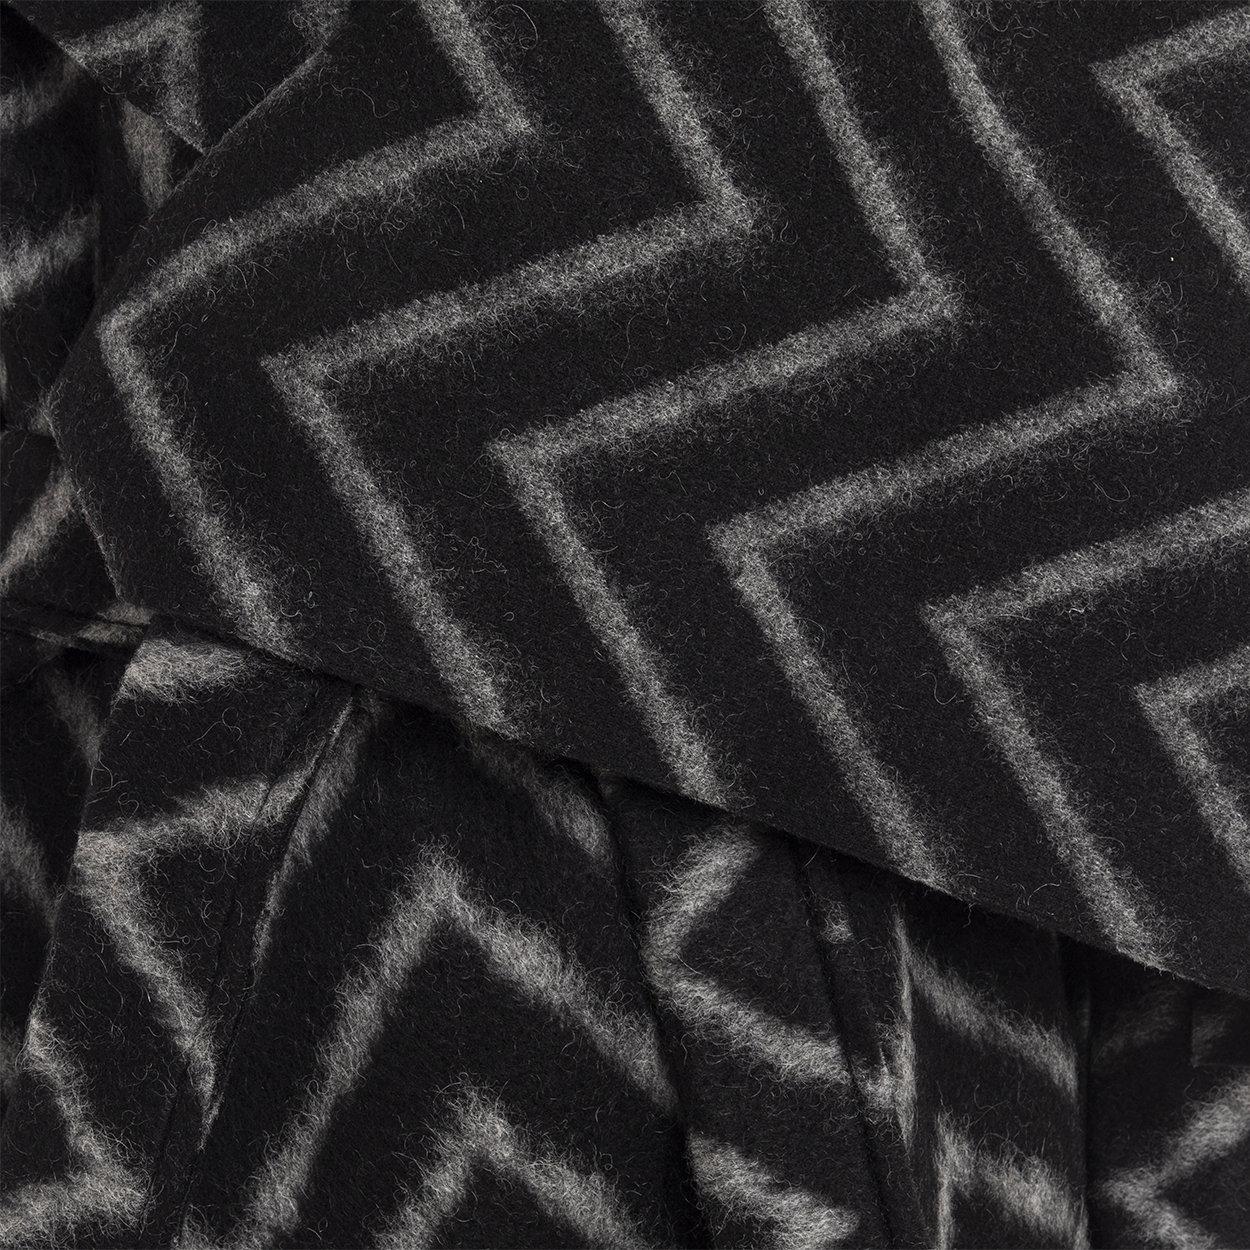 Cappotto con fantasia geometrica grigio e nero Guess by Marciano Acquista su Ventis.